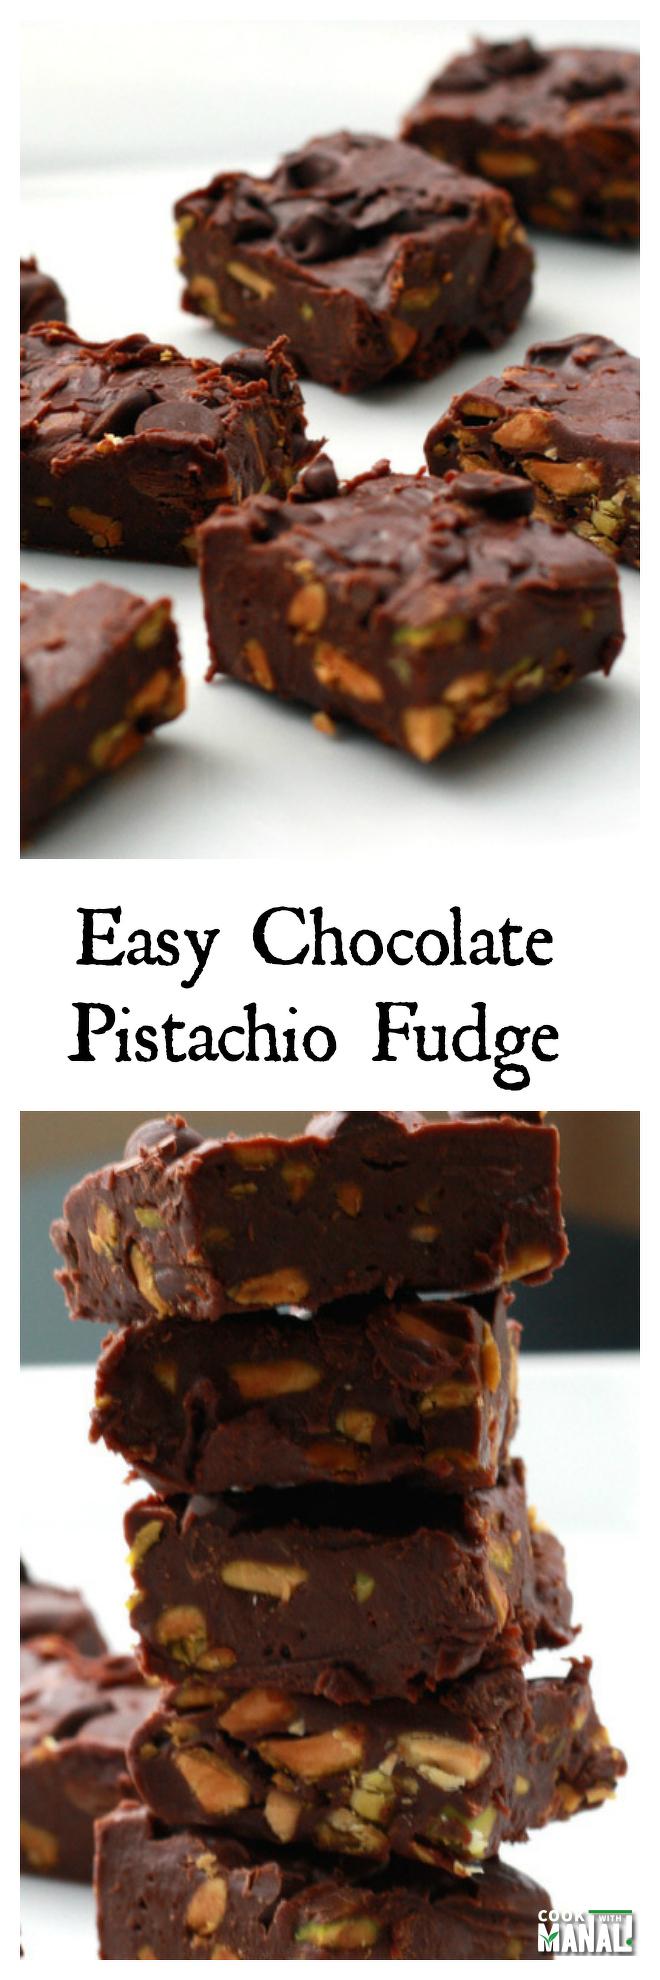 Chocolate-Pistachio-Fudge-Collage